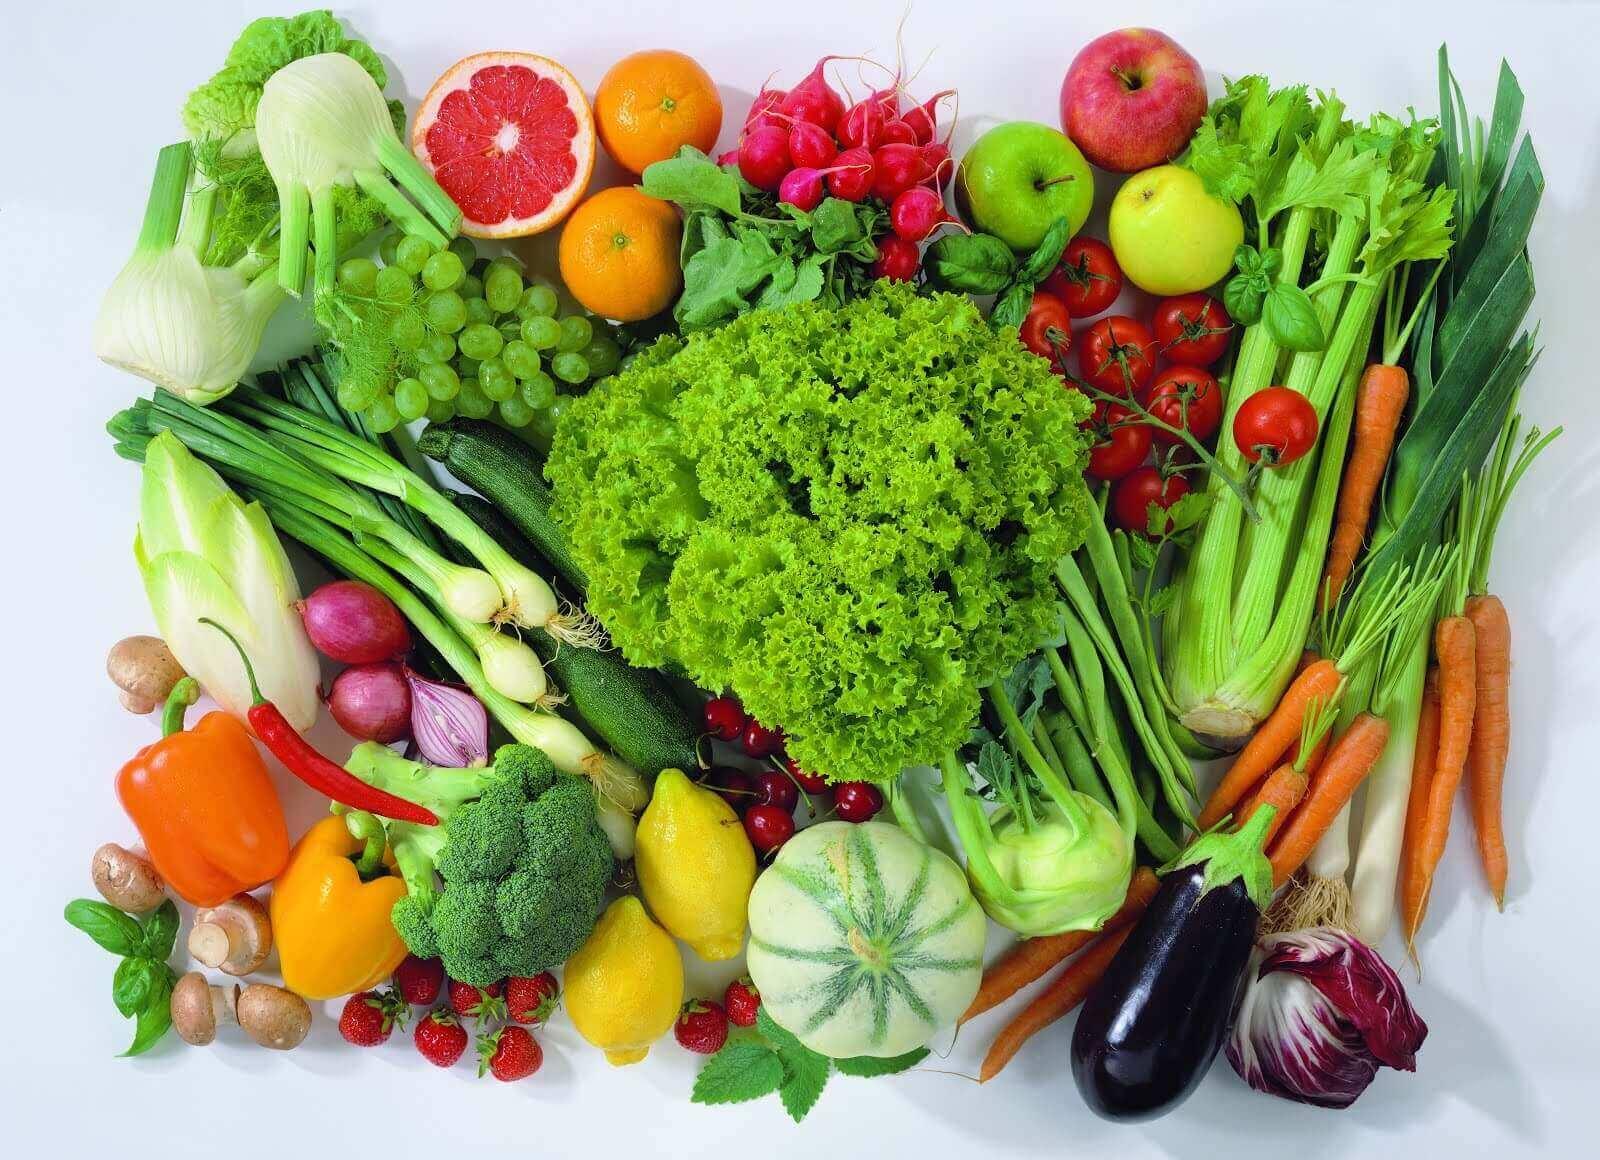 2. 건강한 식단